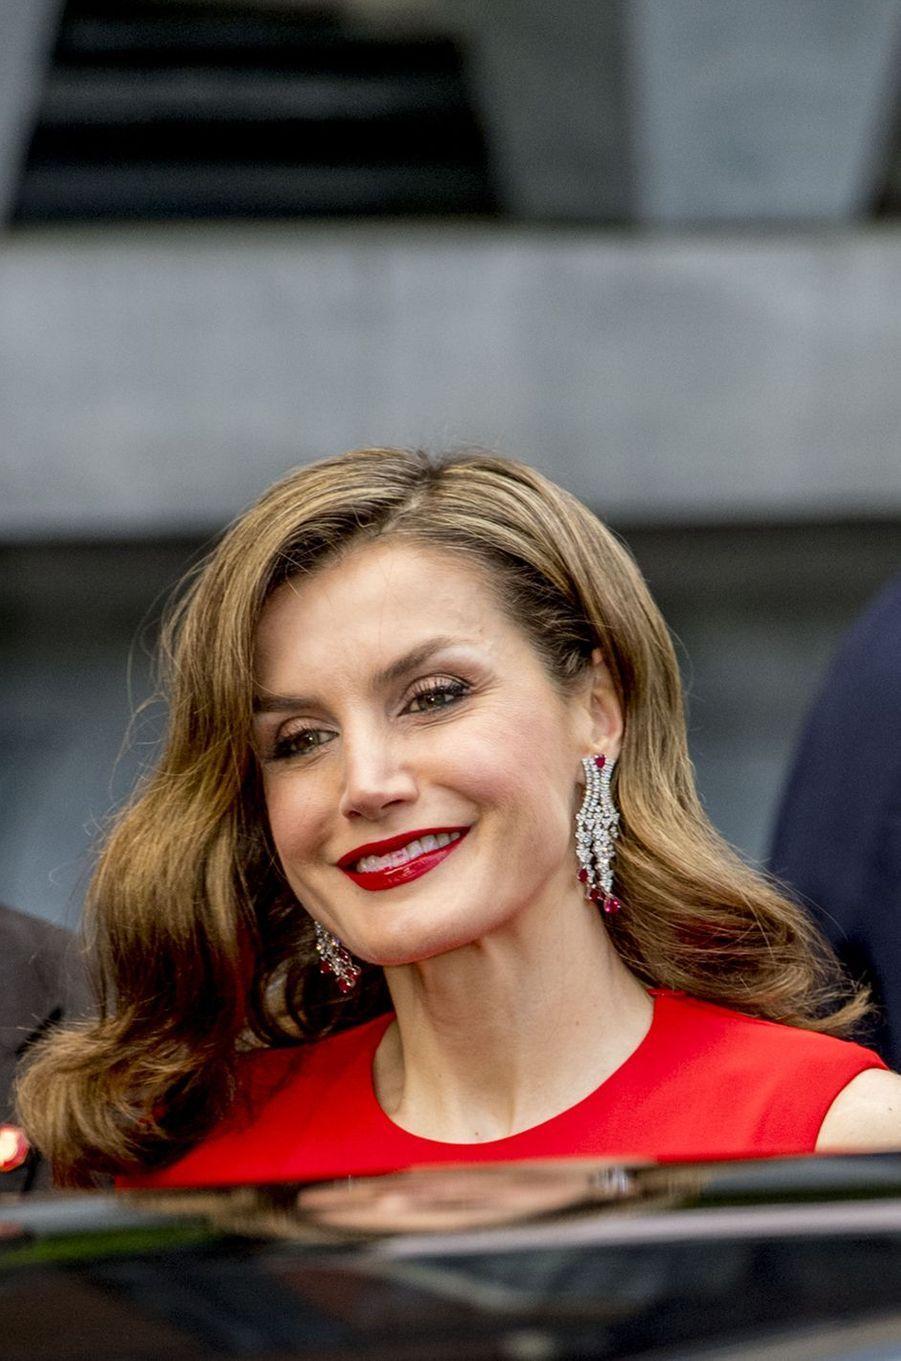 La reine Letizia d'Espagne à La Haye, le 29 avril 2017